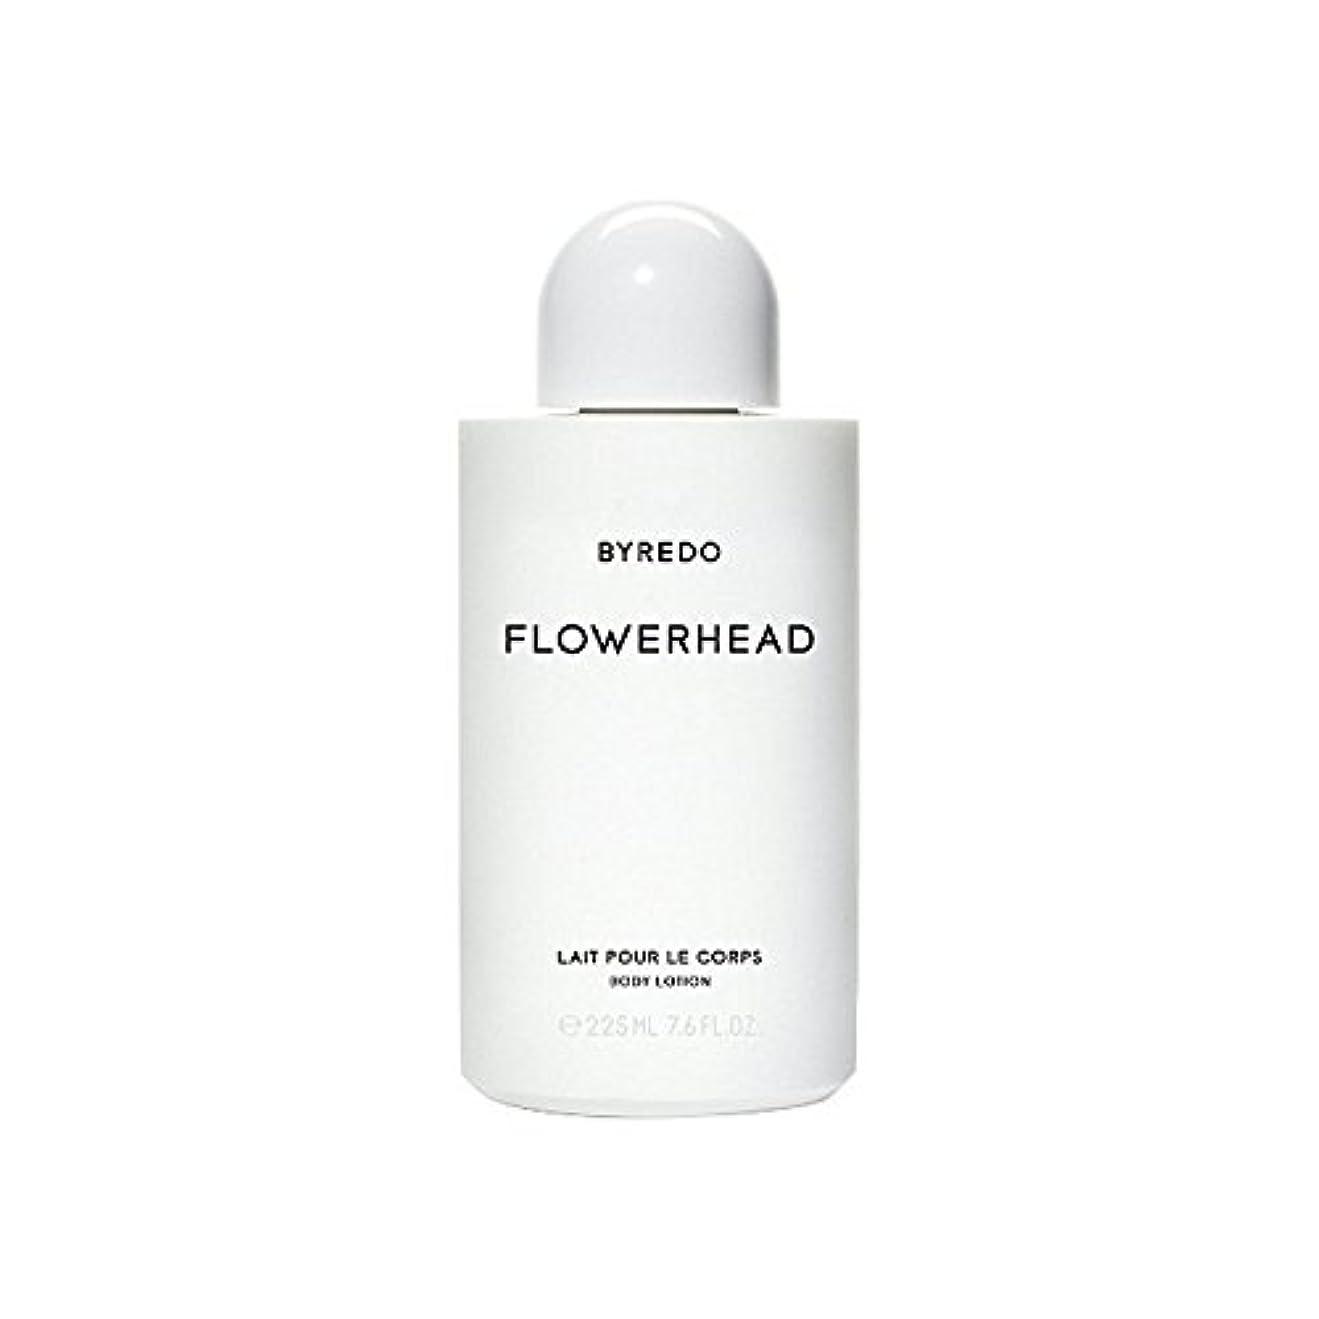 繁雑無駄石のボディローション225ミリリットル x2 - Byredo Flowerhead Body Lotion 225ml (Pack of 2) [並行輸入品]